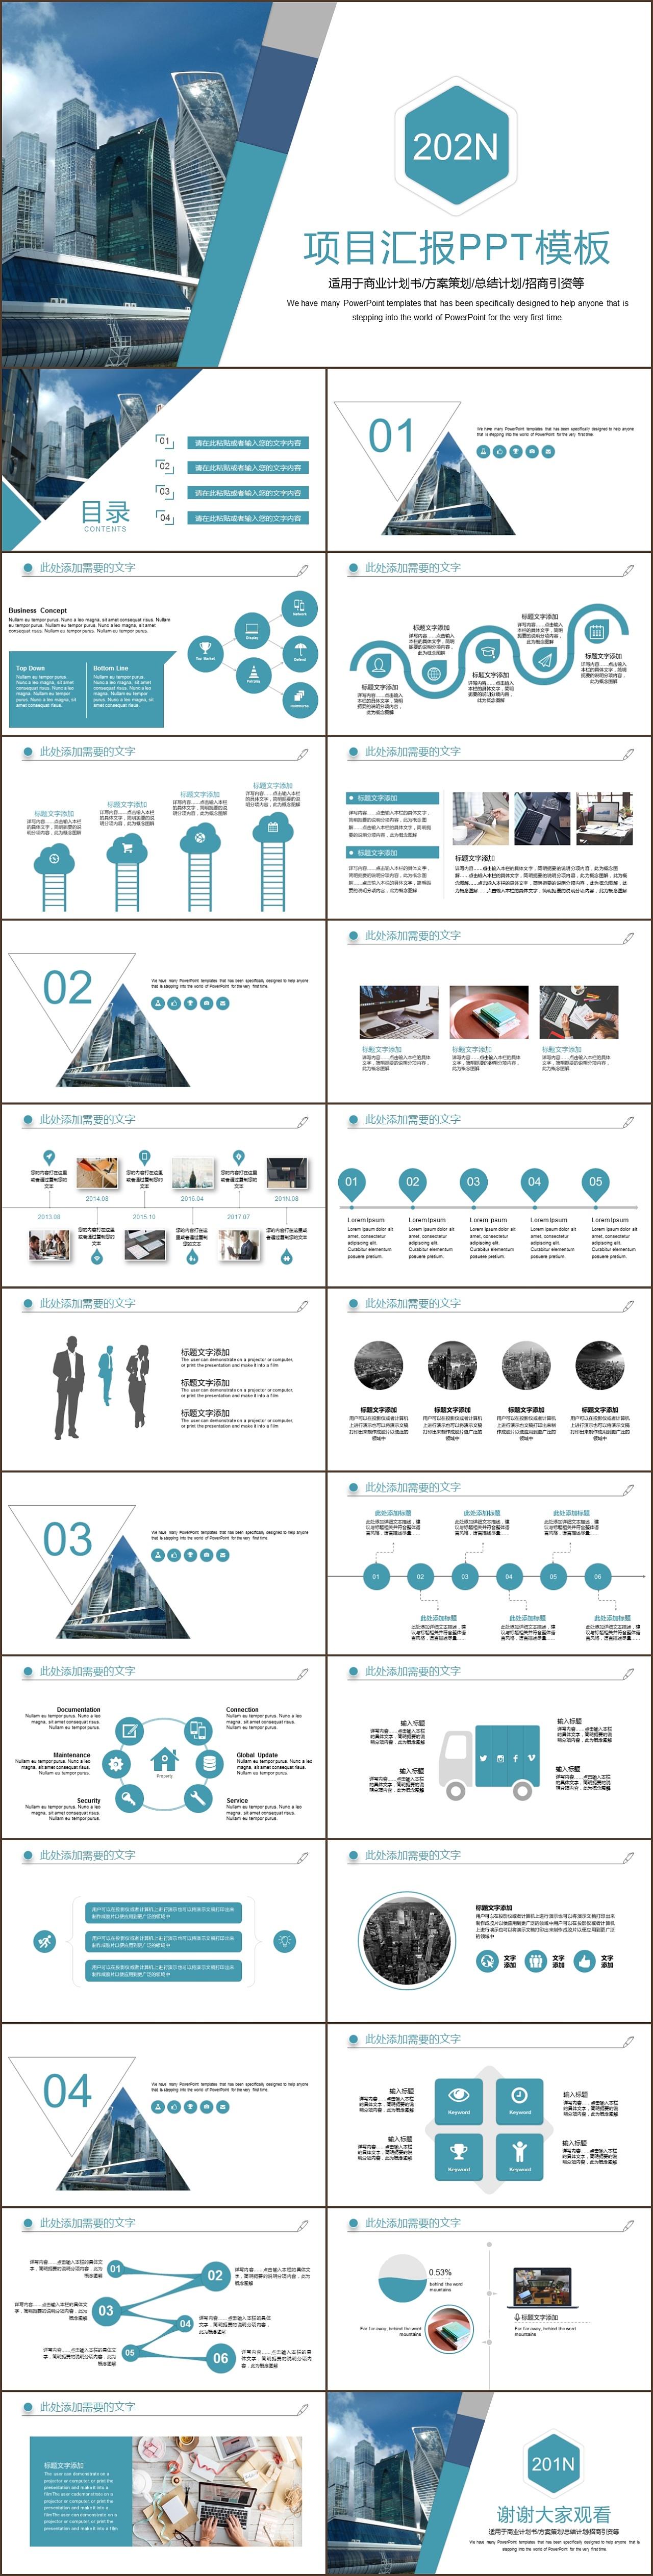 高端商务风企业项目发展方案策划工作总结汇报ppt模板图片